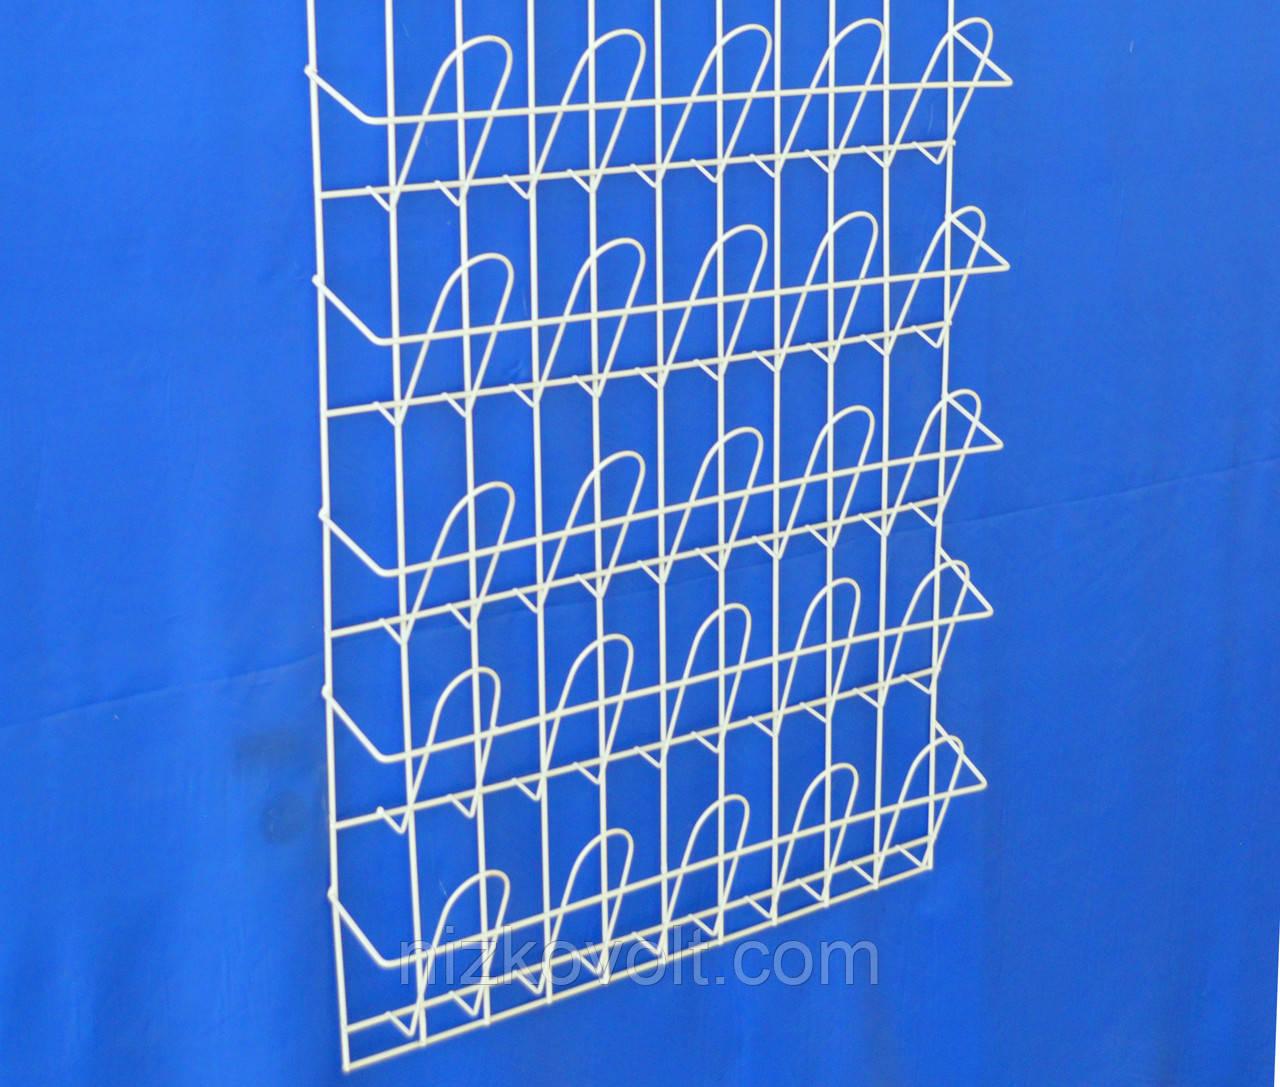 Торгова полка стелаж для поліграфії навісна кошикова 5 рядів по 5 комірок